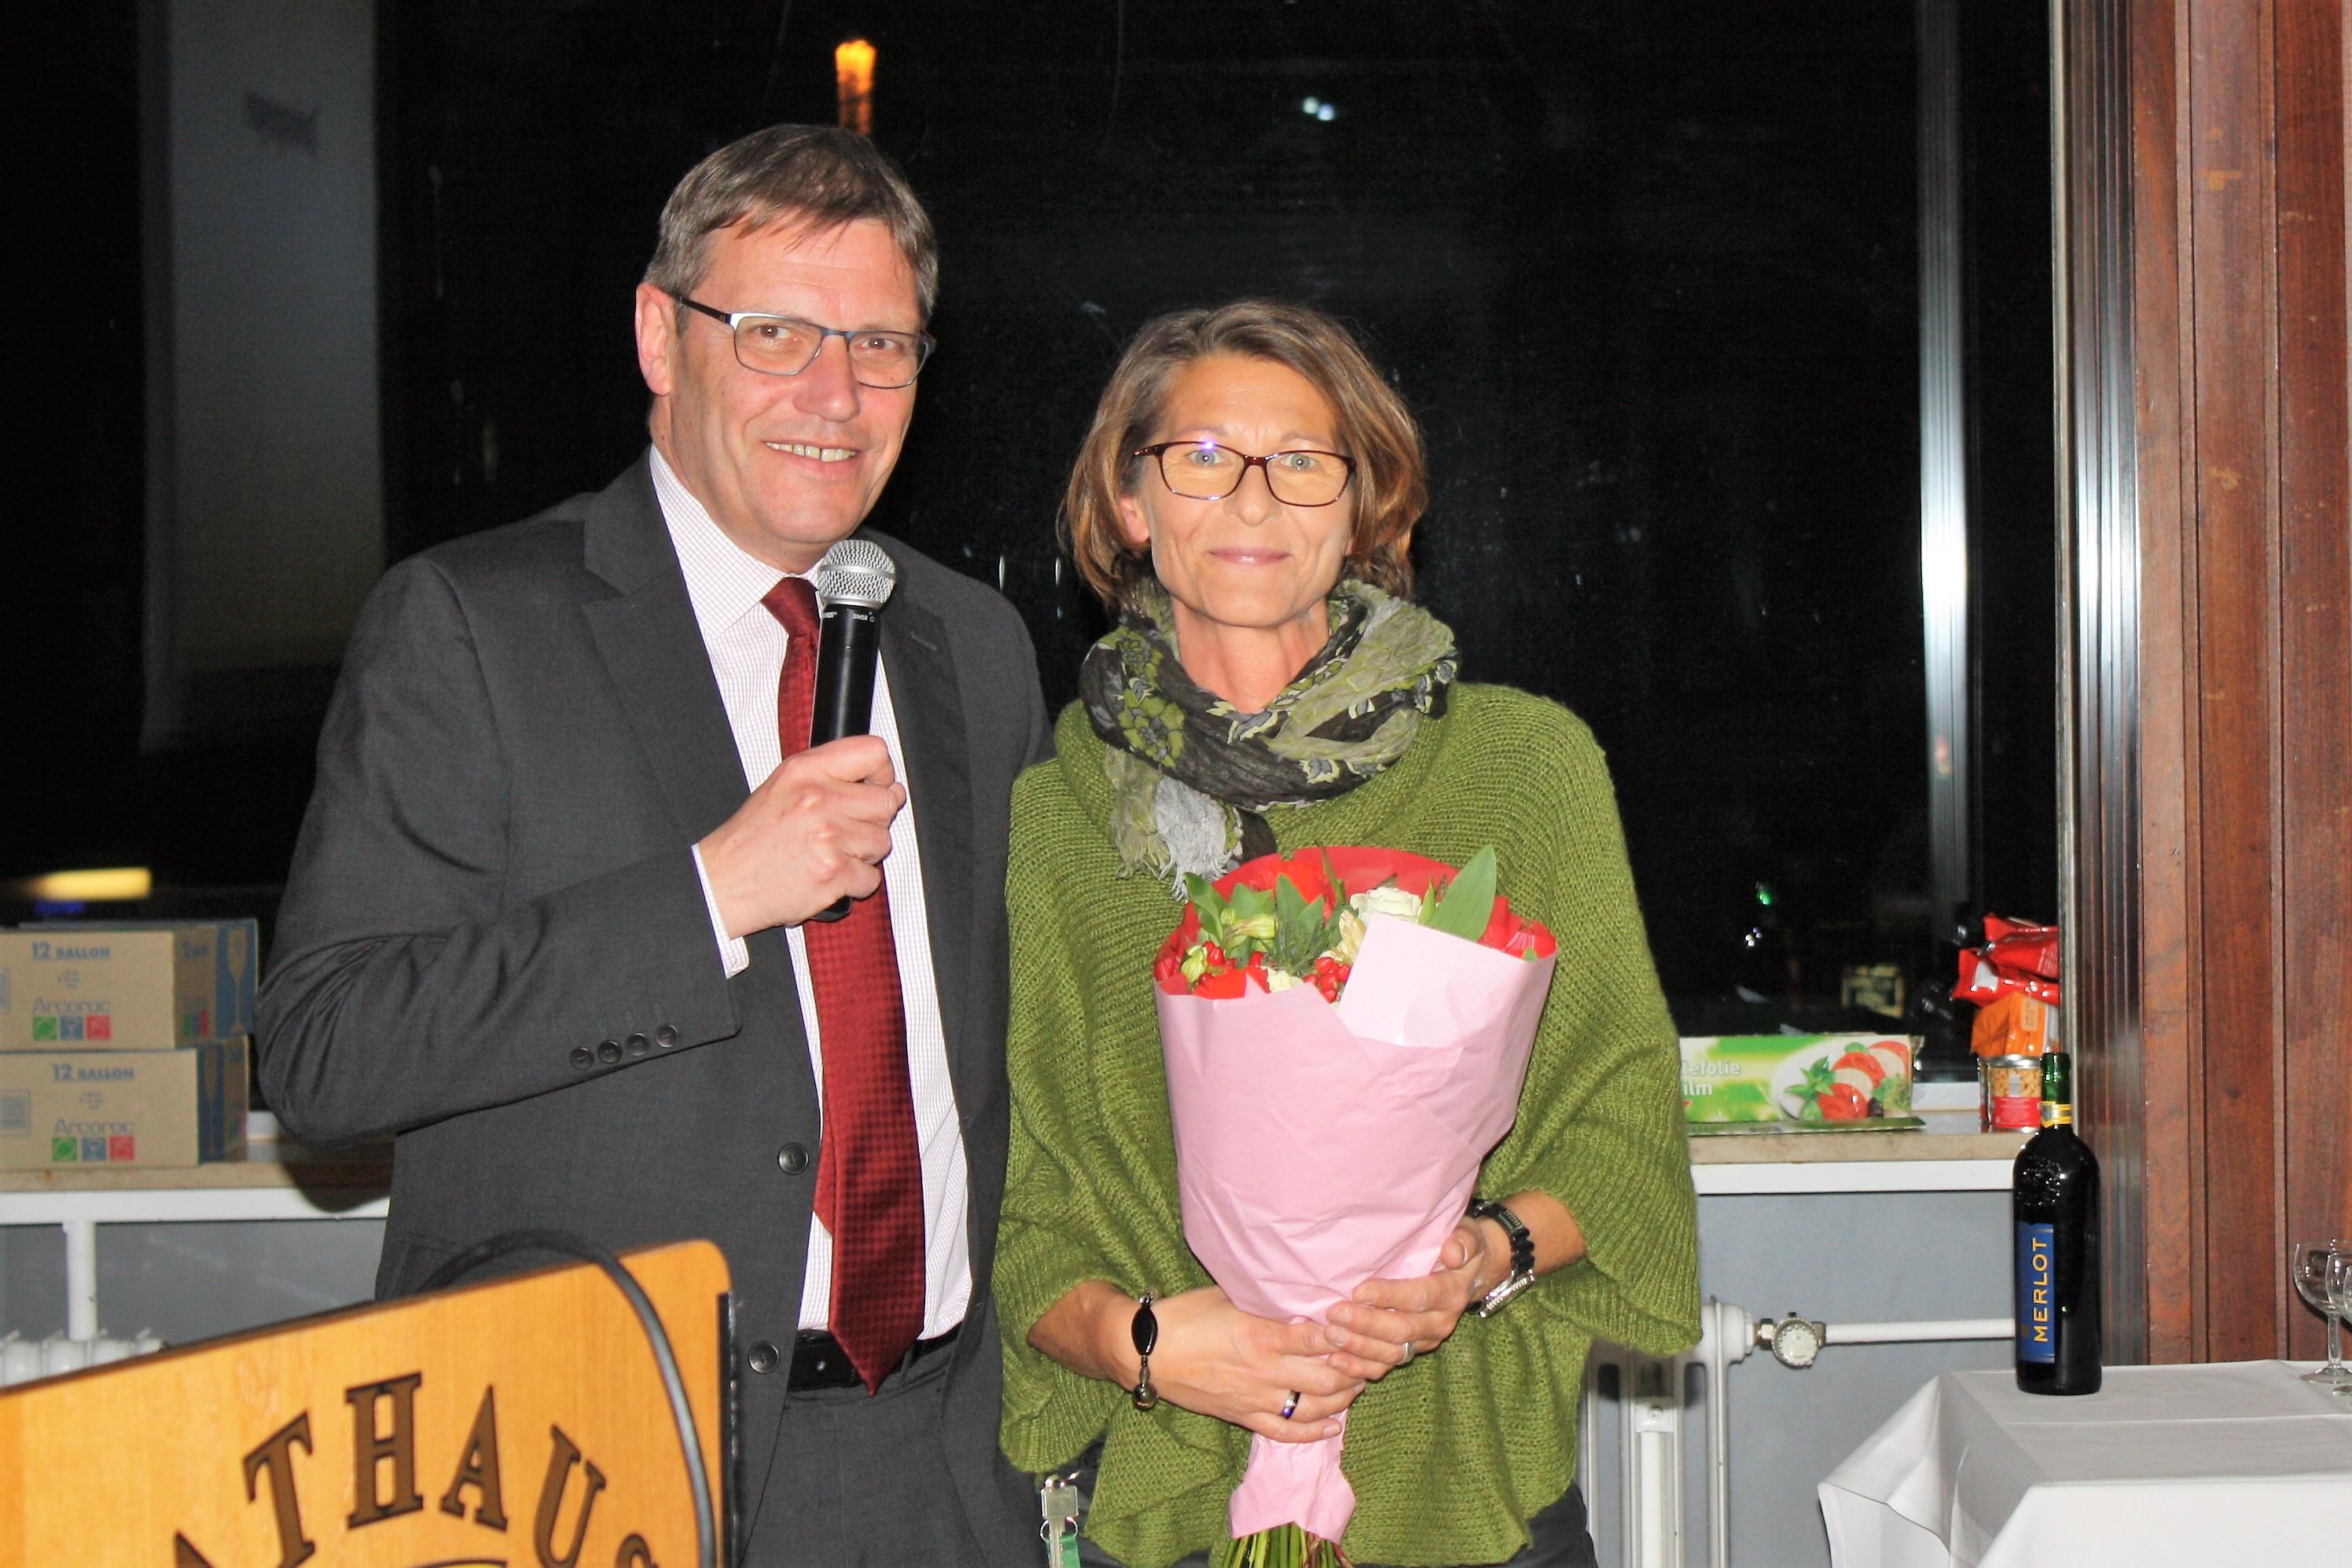 Klaus Ebert bedankt sich bei Elke Kiesel vom Rathaus Beuel für ihre Unterstützung und Hilfsbereitschaft